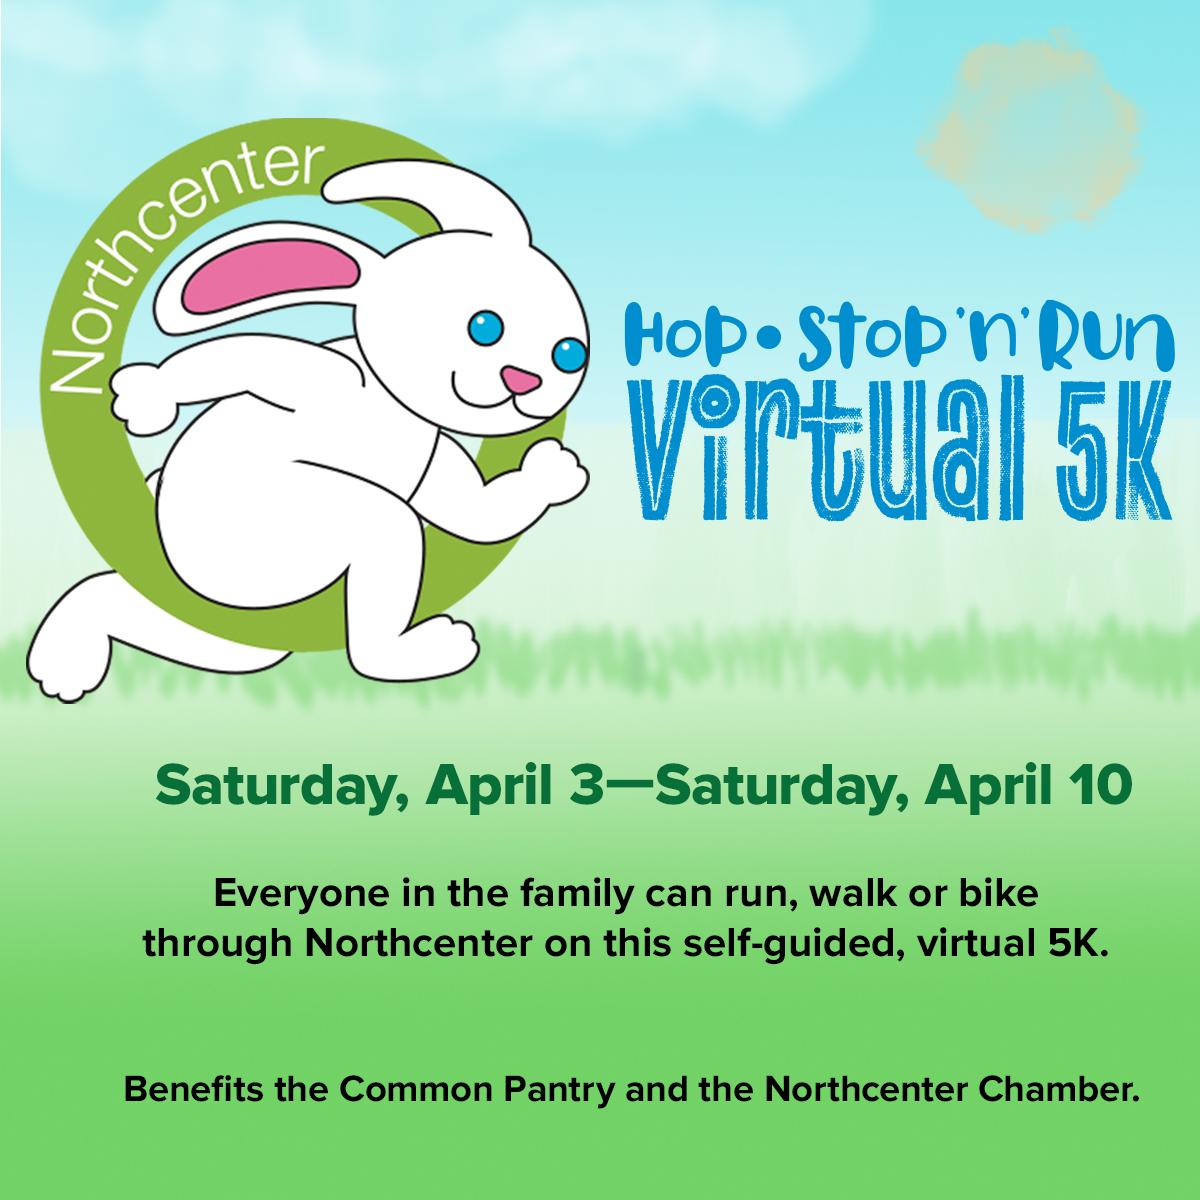 Hop, Stop N' Run: A Virtual 5K Run, Walk or Bike through Northcenter